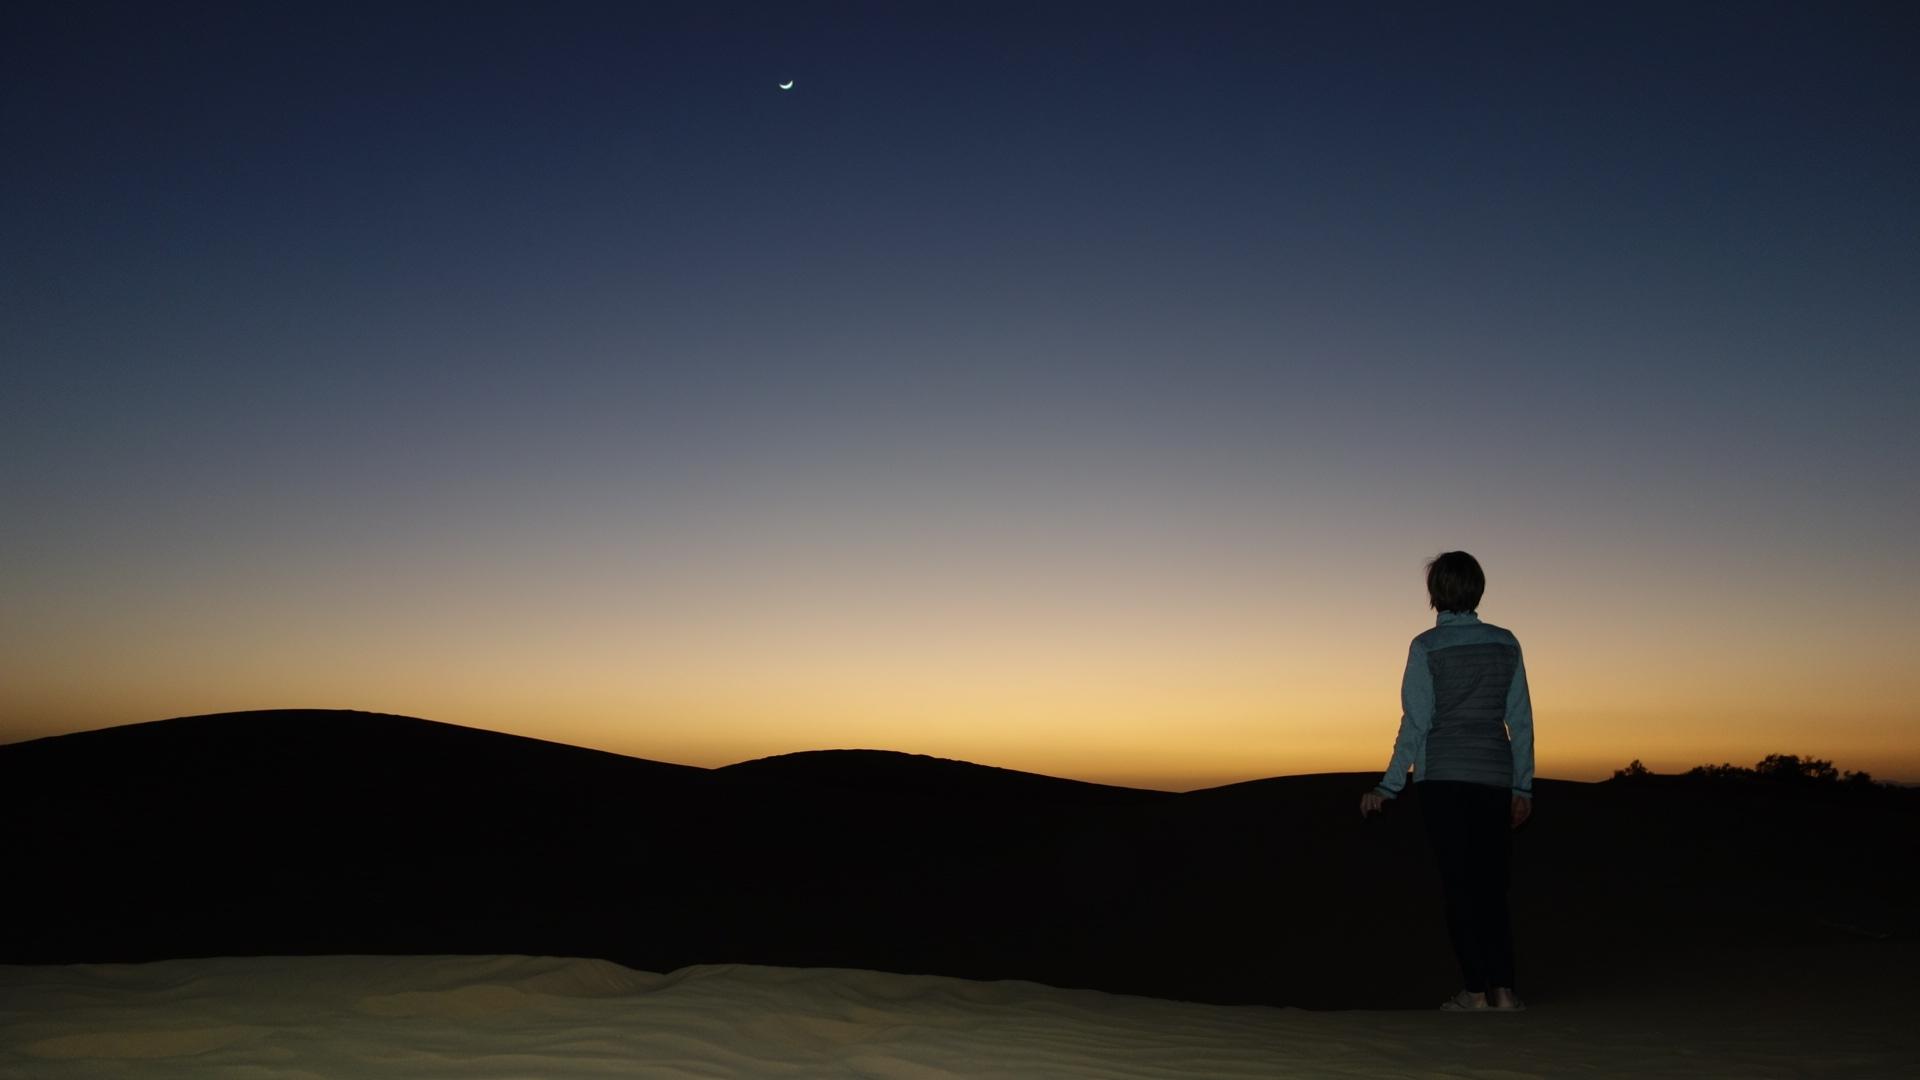 coucher de soleil dans le désert du Maroc